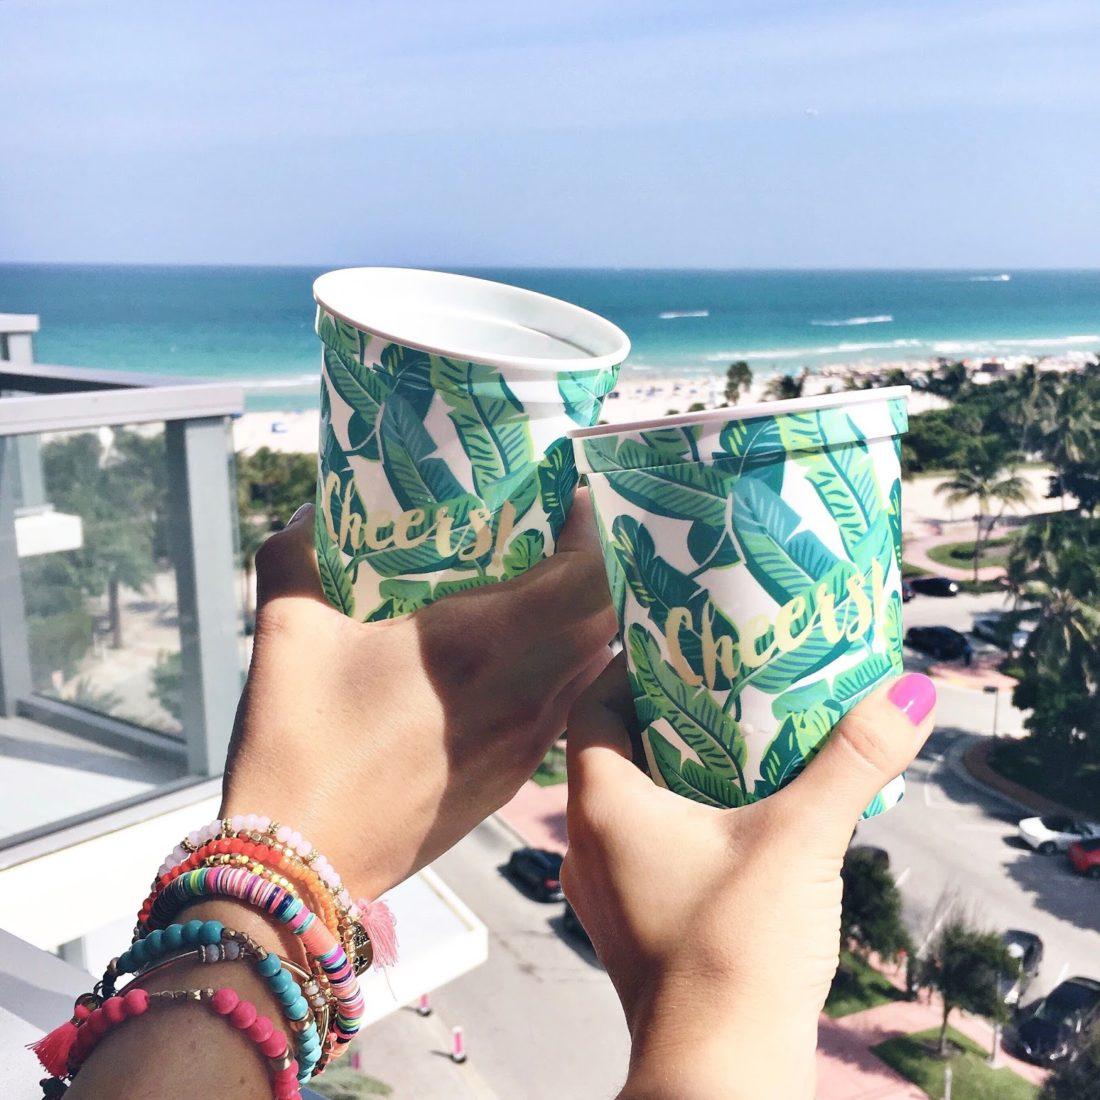 Miami bachelorette party